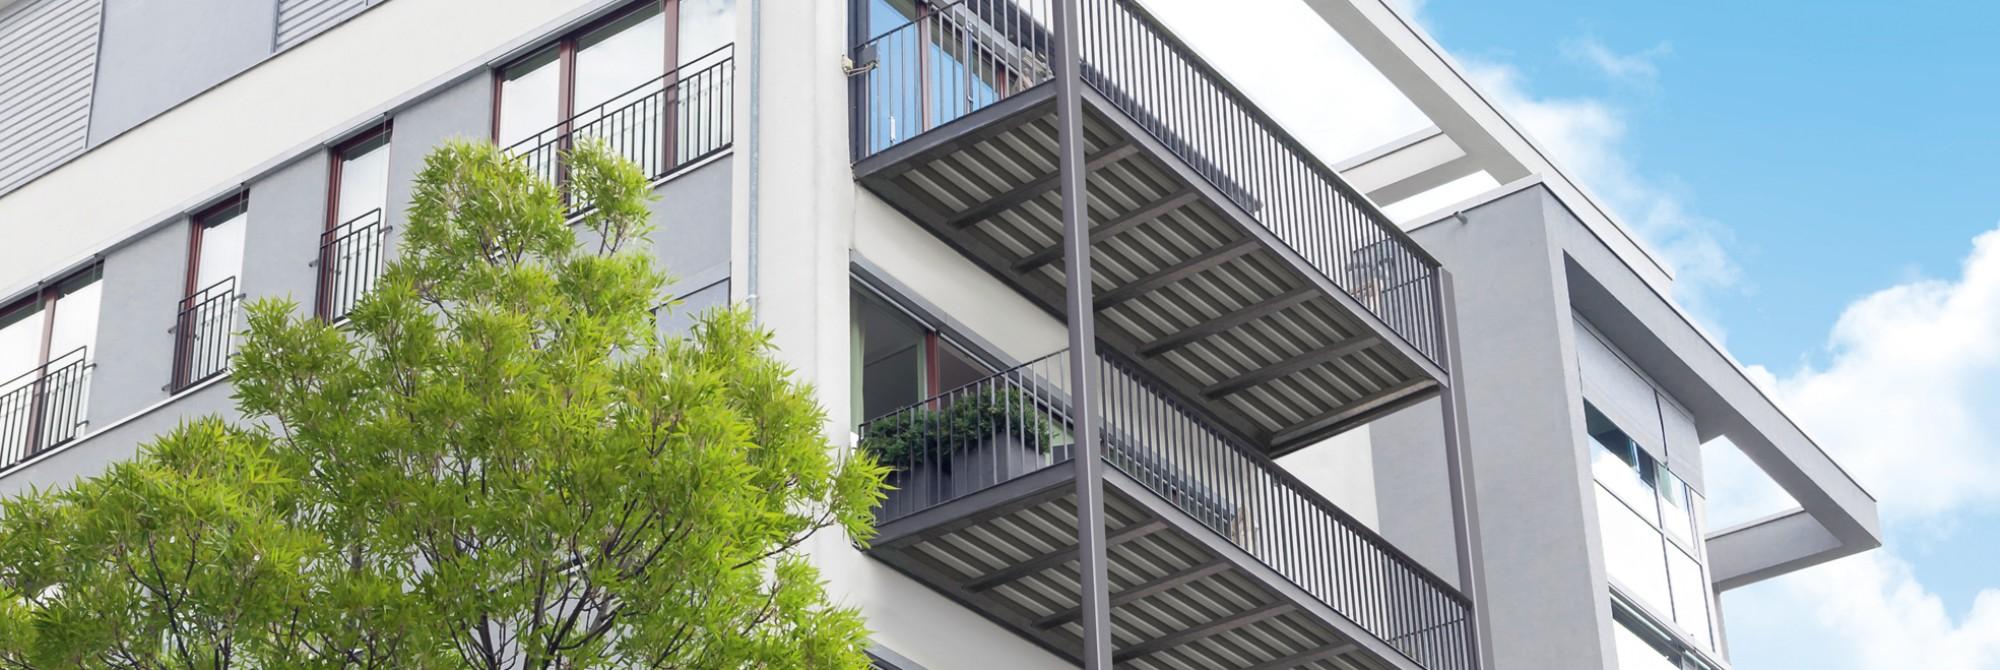 Twinson Terrace+